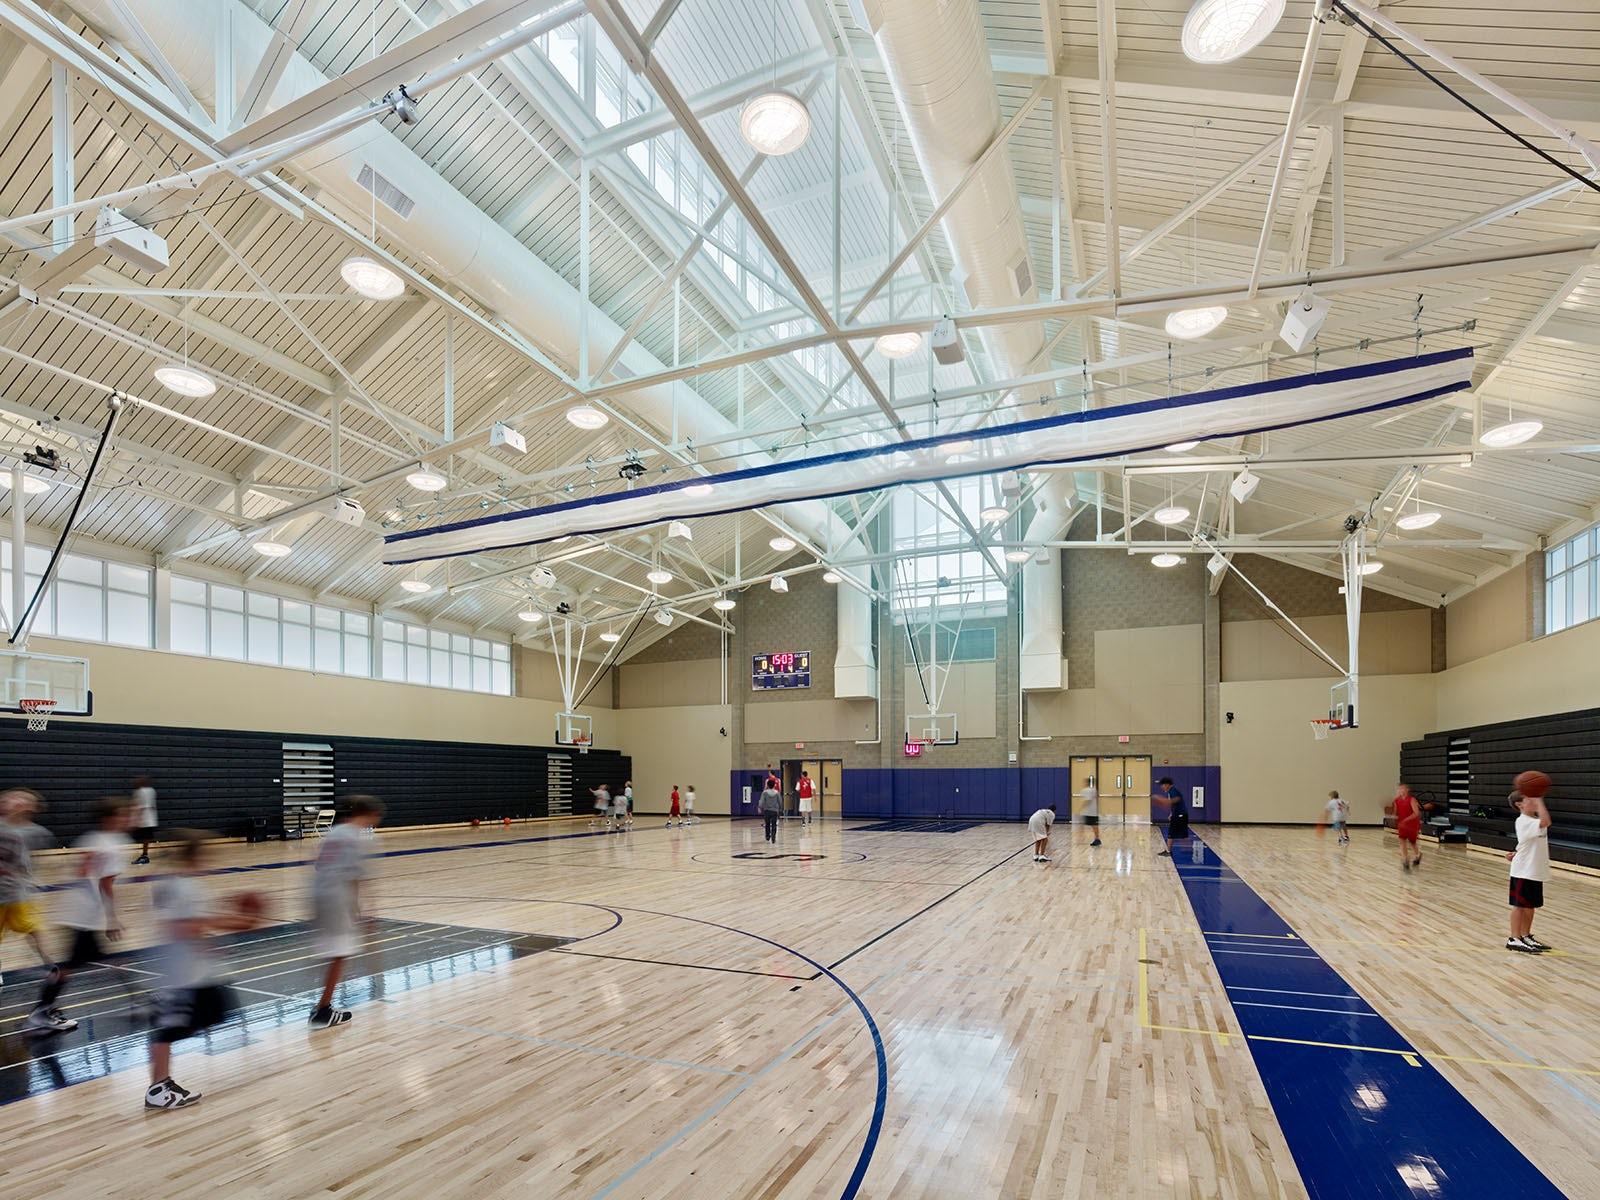 Sequoia High School New Gymnasium Architizer